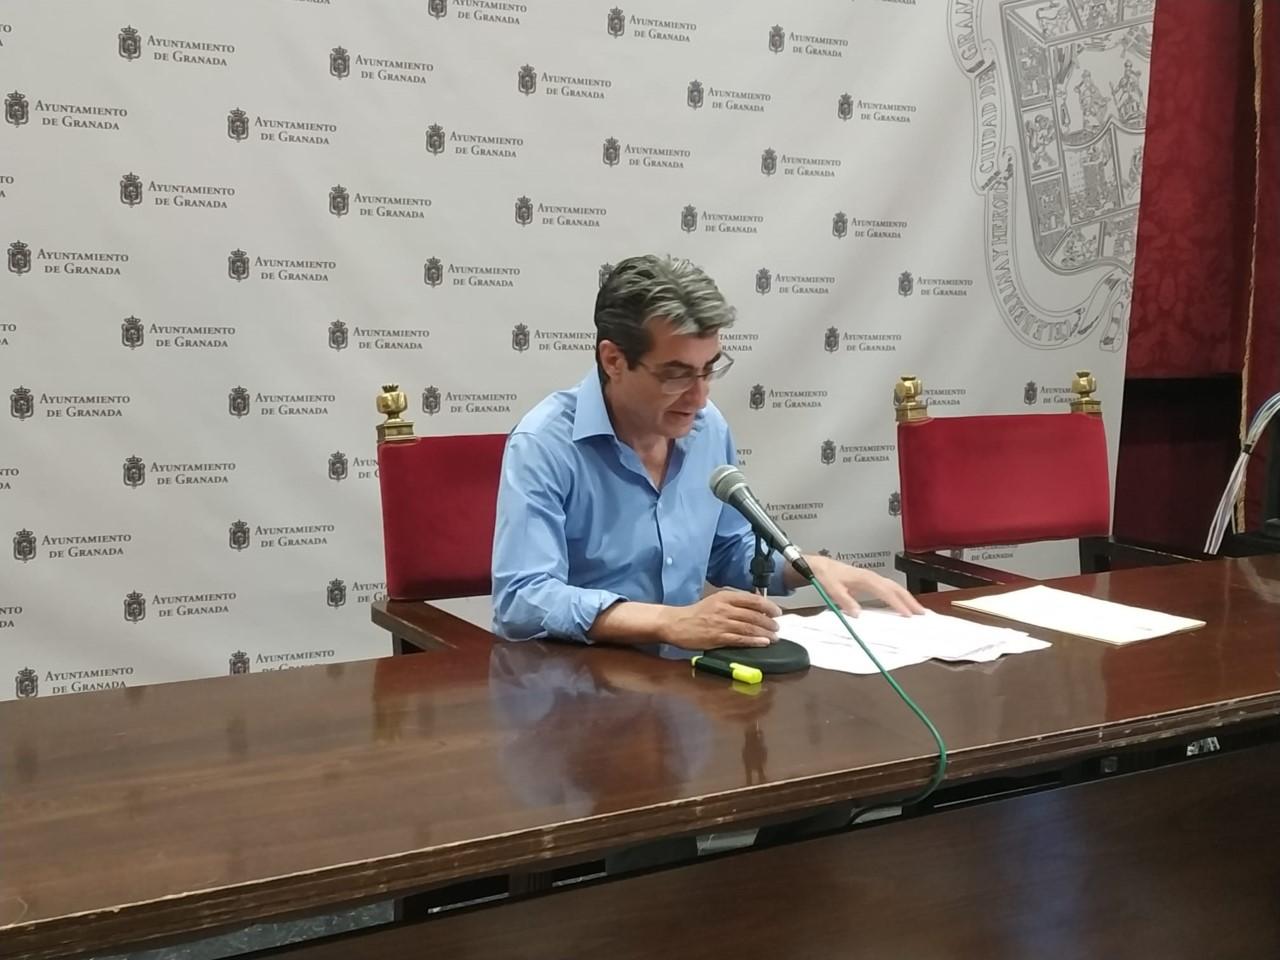 Podemos-IU exige al Bipartito que evite la construcción junto al Arco de Elvira y proteja los restos arqueológicos